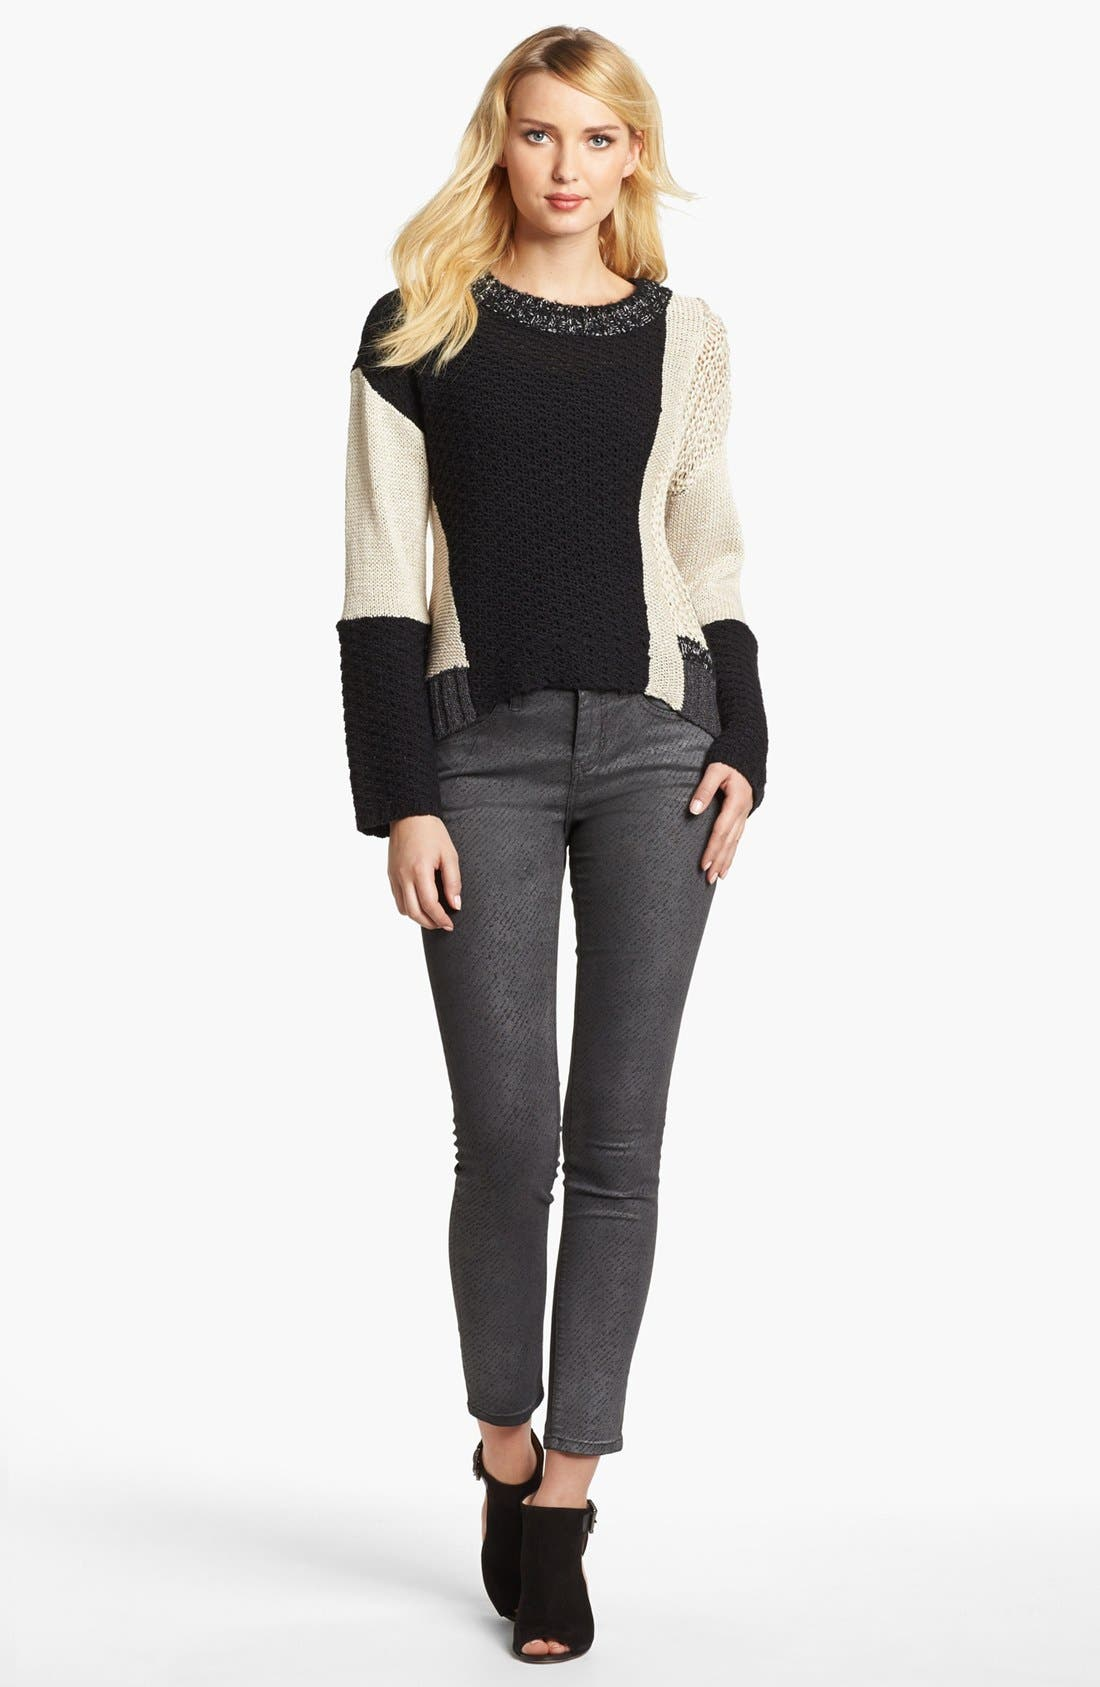 Alternate Image 1 Selected - Jag Jeans 'Miranda' Metallic Coated Print Skinny Jeans (Regular & Petite)